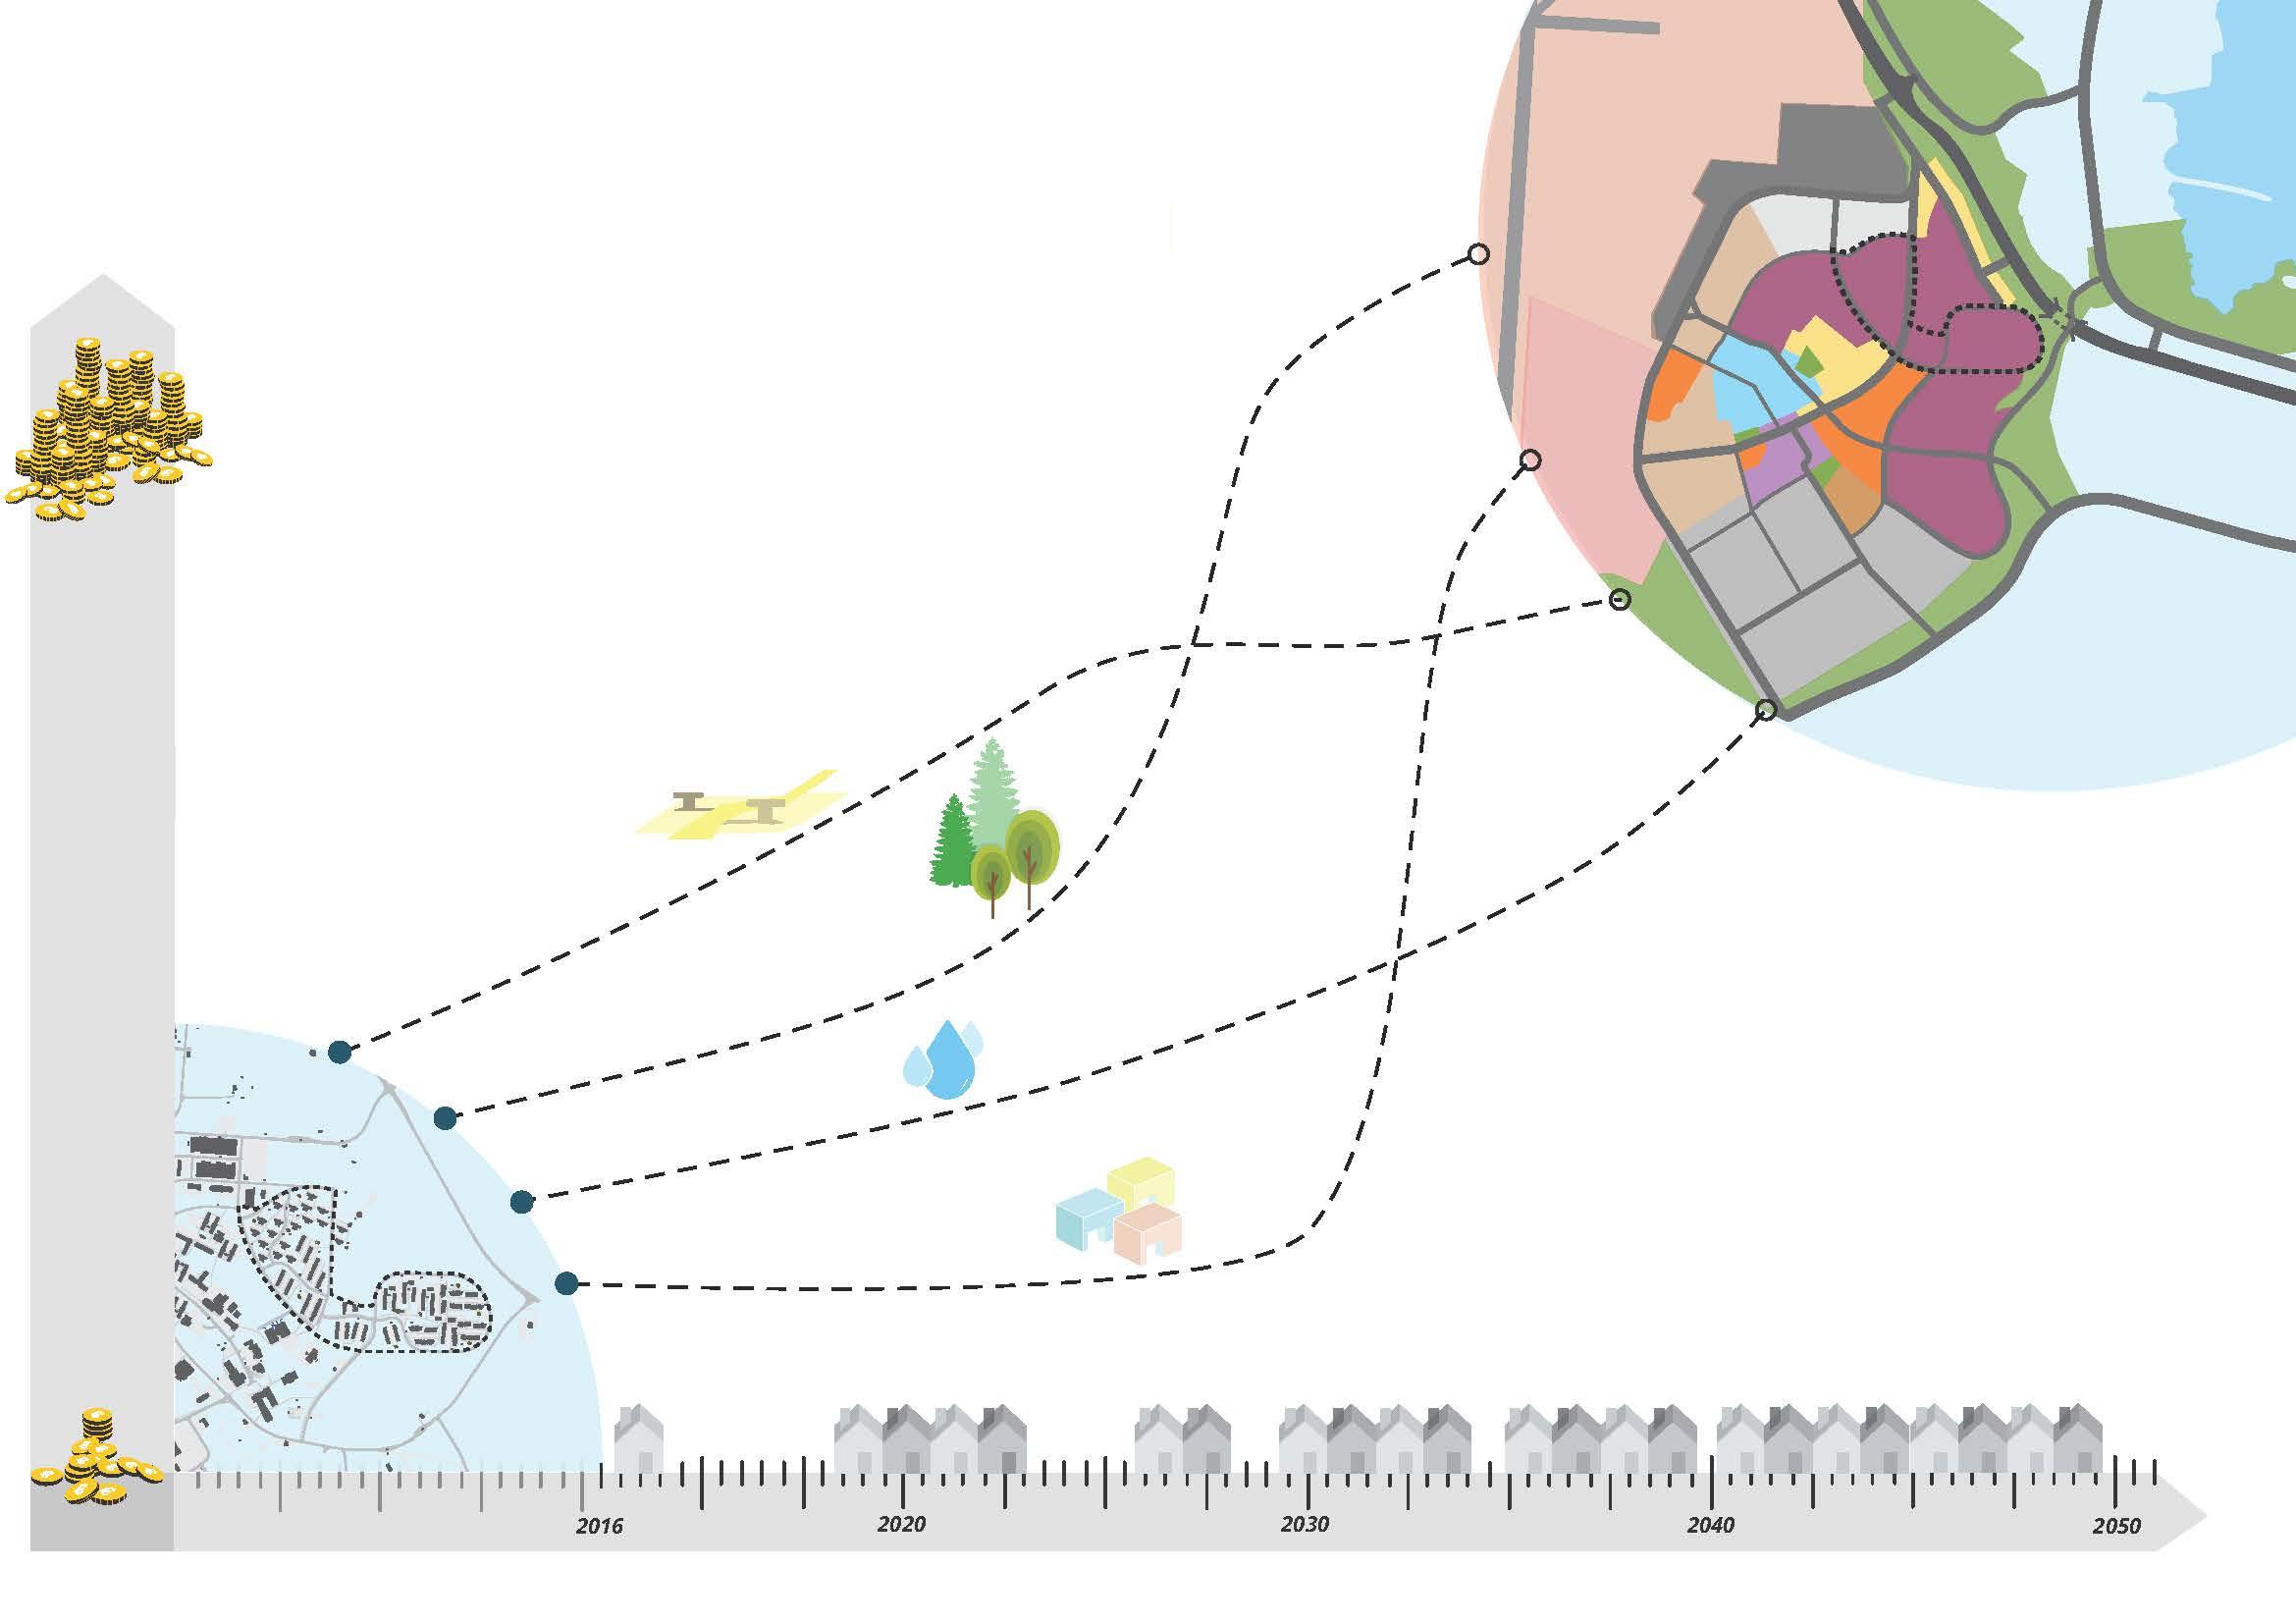 felixx-asbru-diagramthemes.jpg